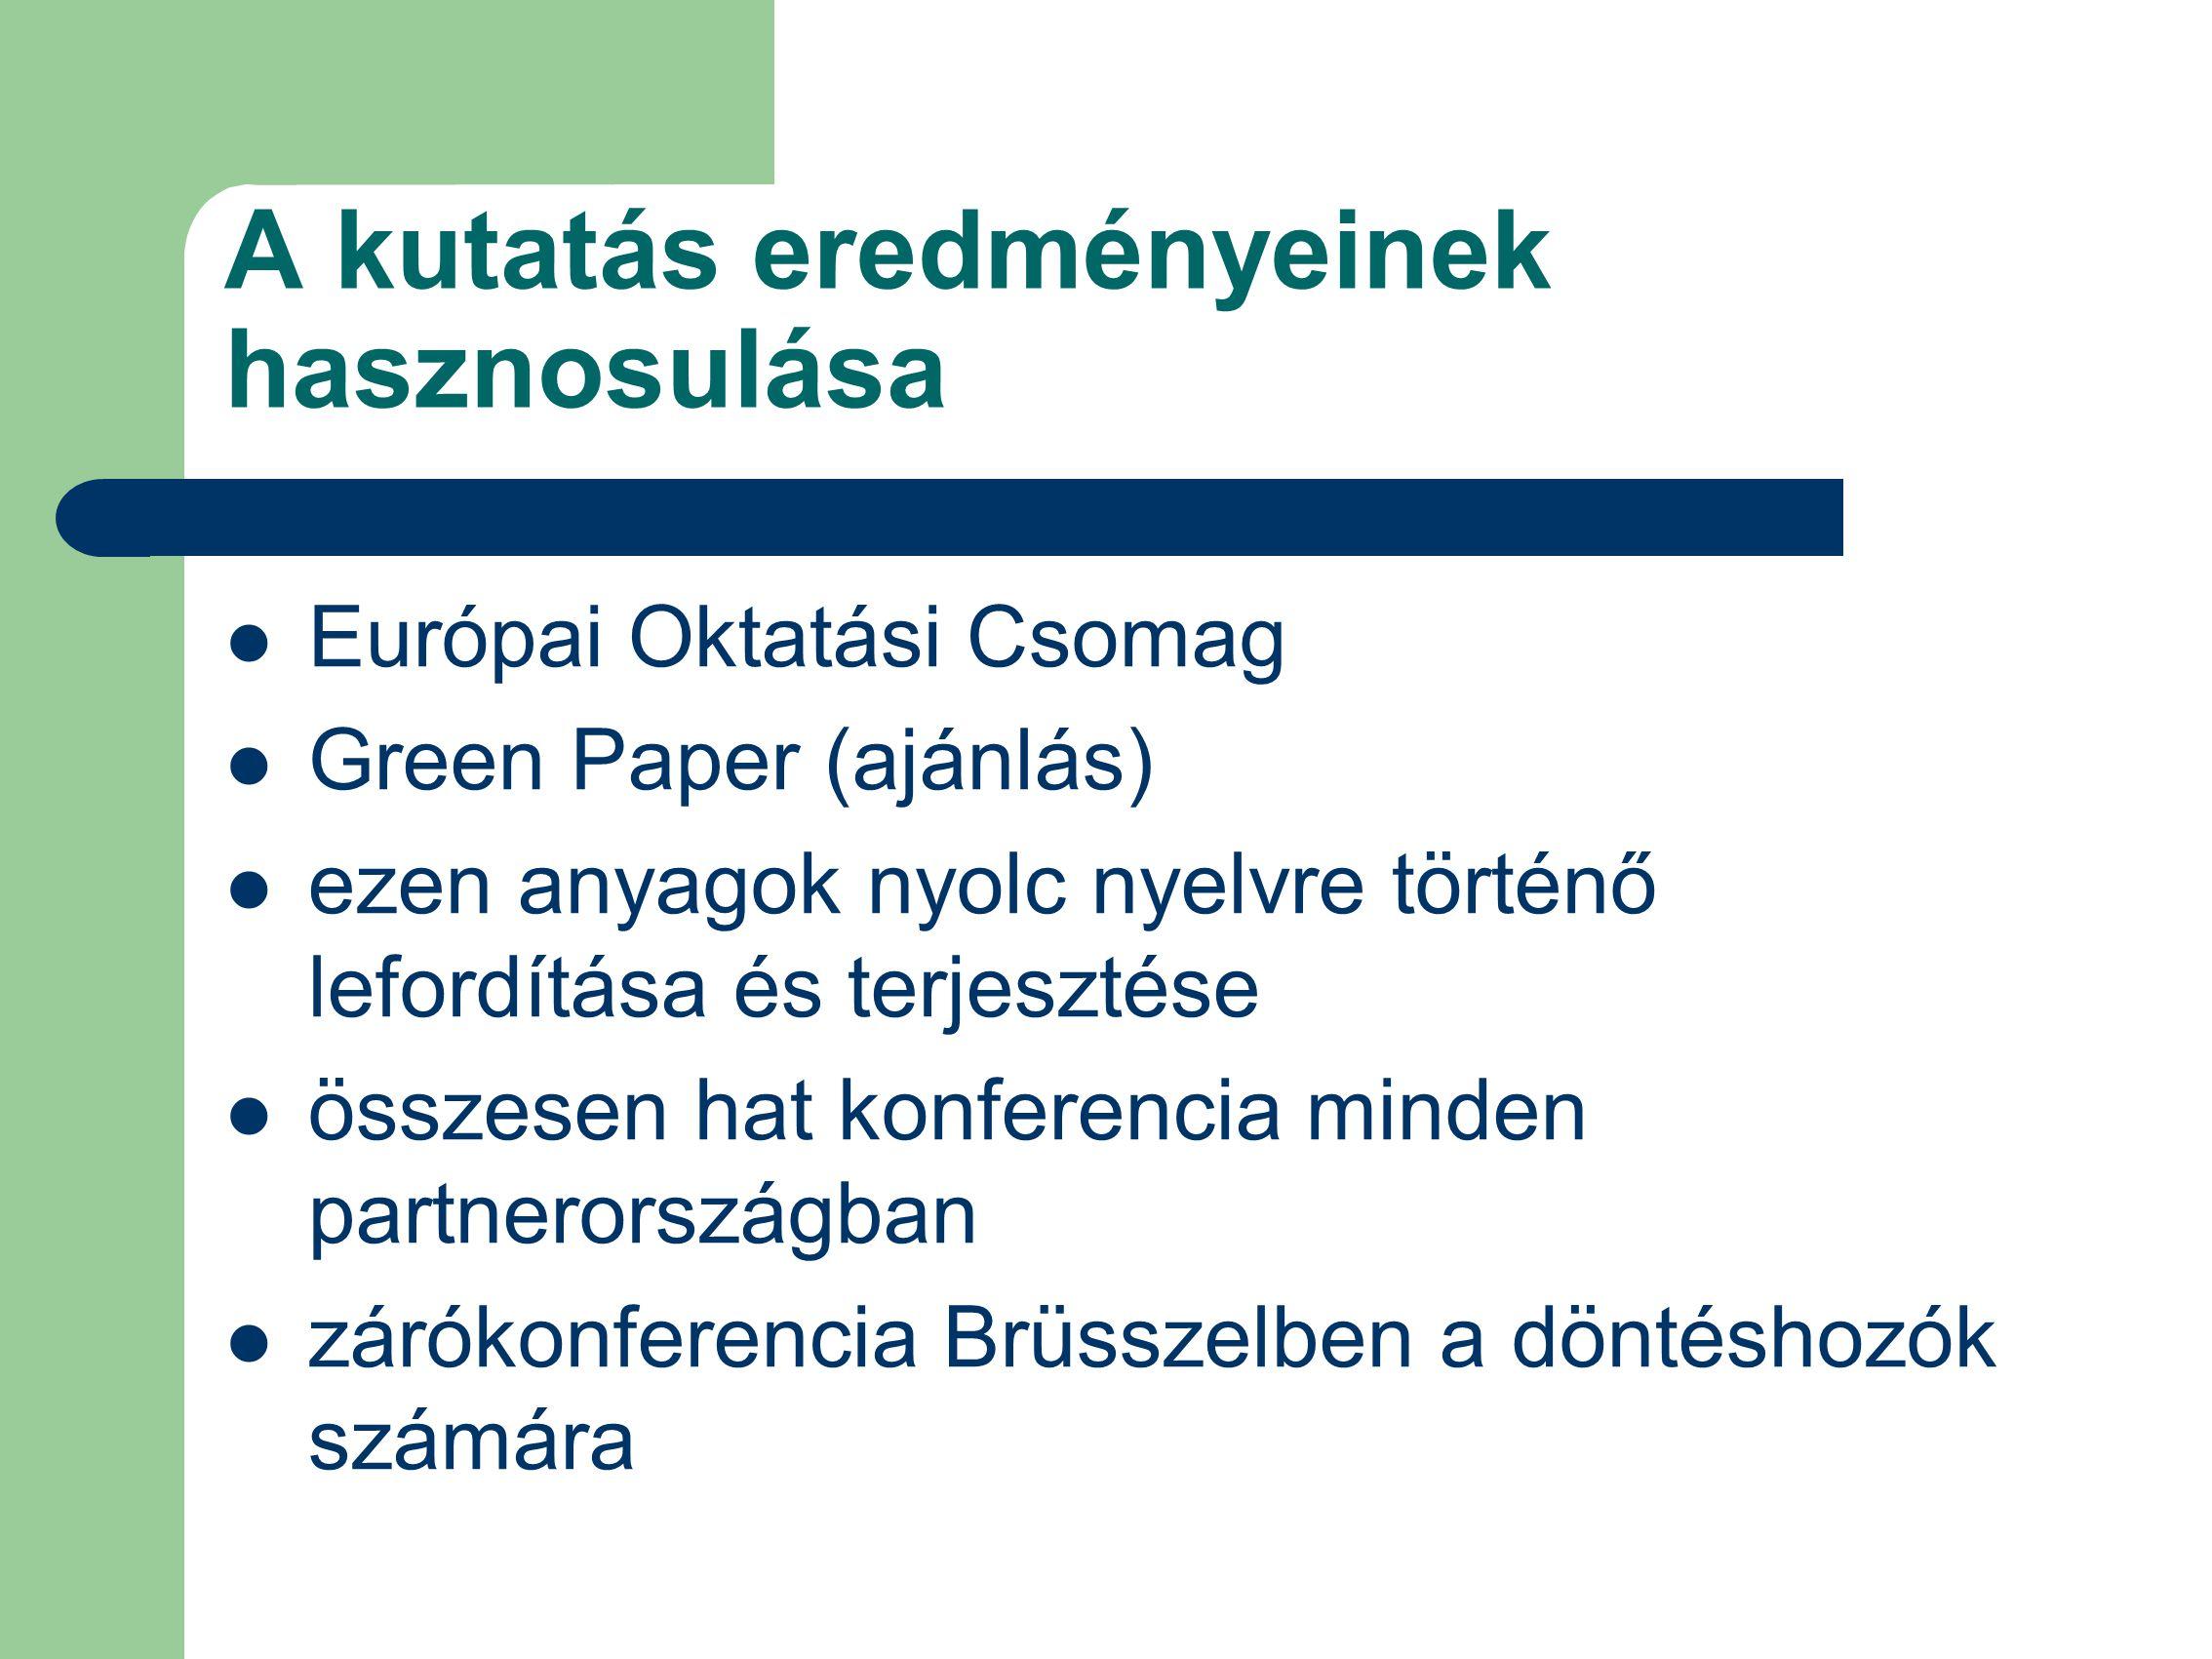 A kutatás eredményeinek hasznosulása Európai Oktatási Csomag Green Paper (ajánlás) ezen anyagok nyolc nyelvre történő lefordítása és terjesztése összesen hat konferencia minden partnerországban zárókonferencia Brüsszelben a döntéshozók számára